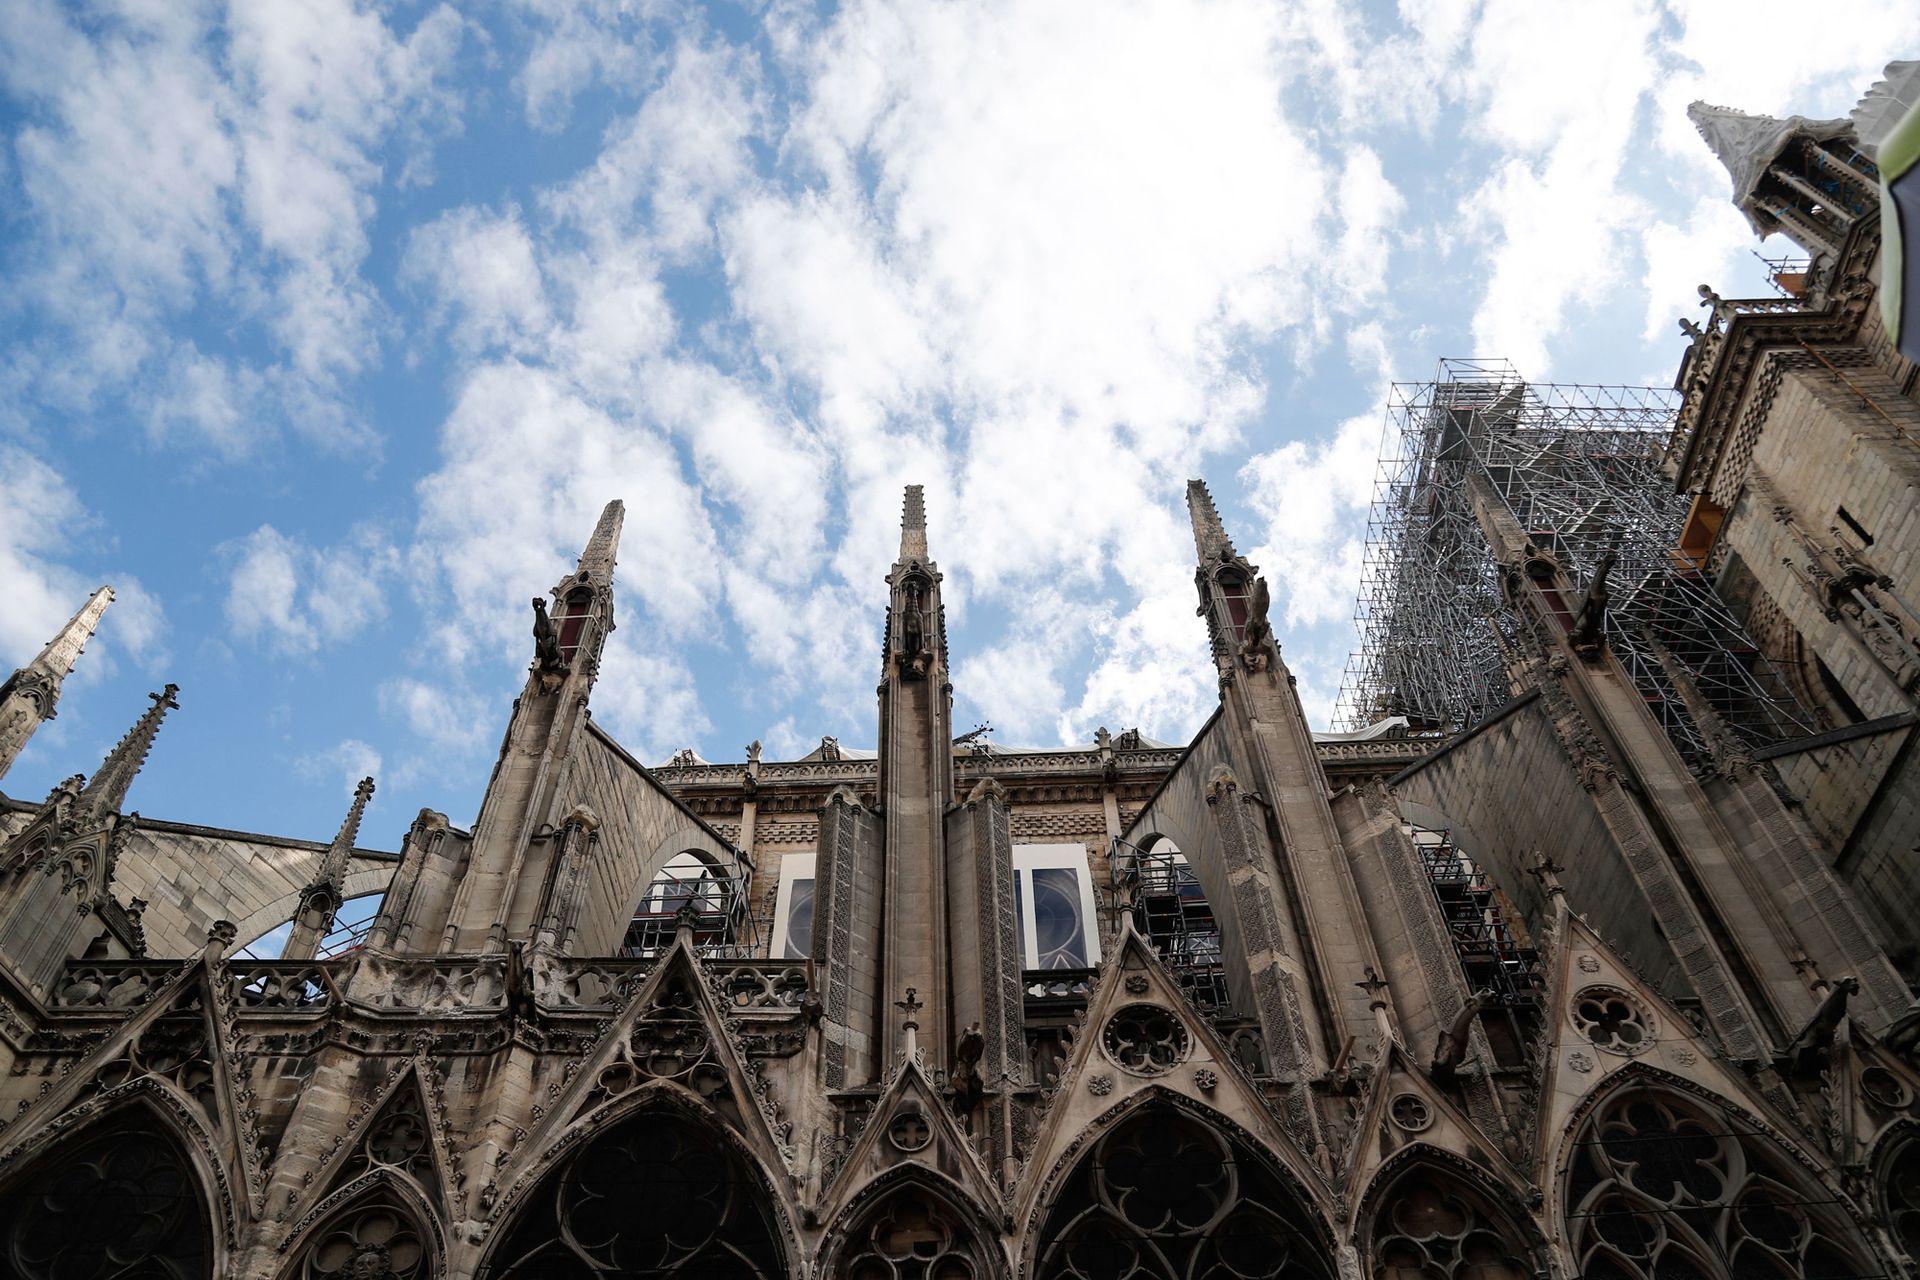 Una vista del exterior de la catedral de Notre Dame